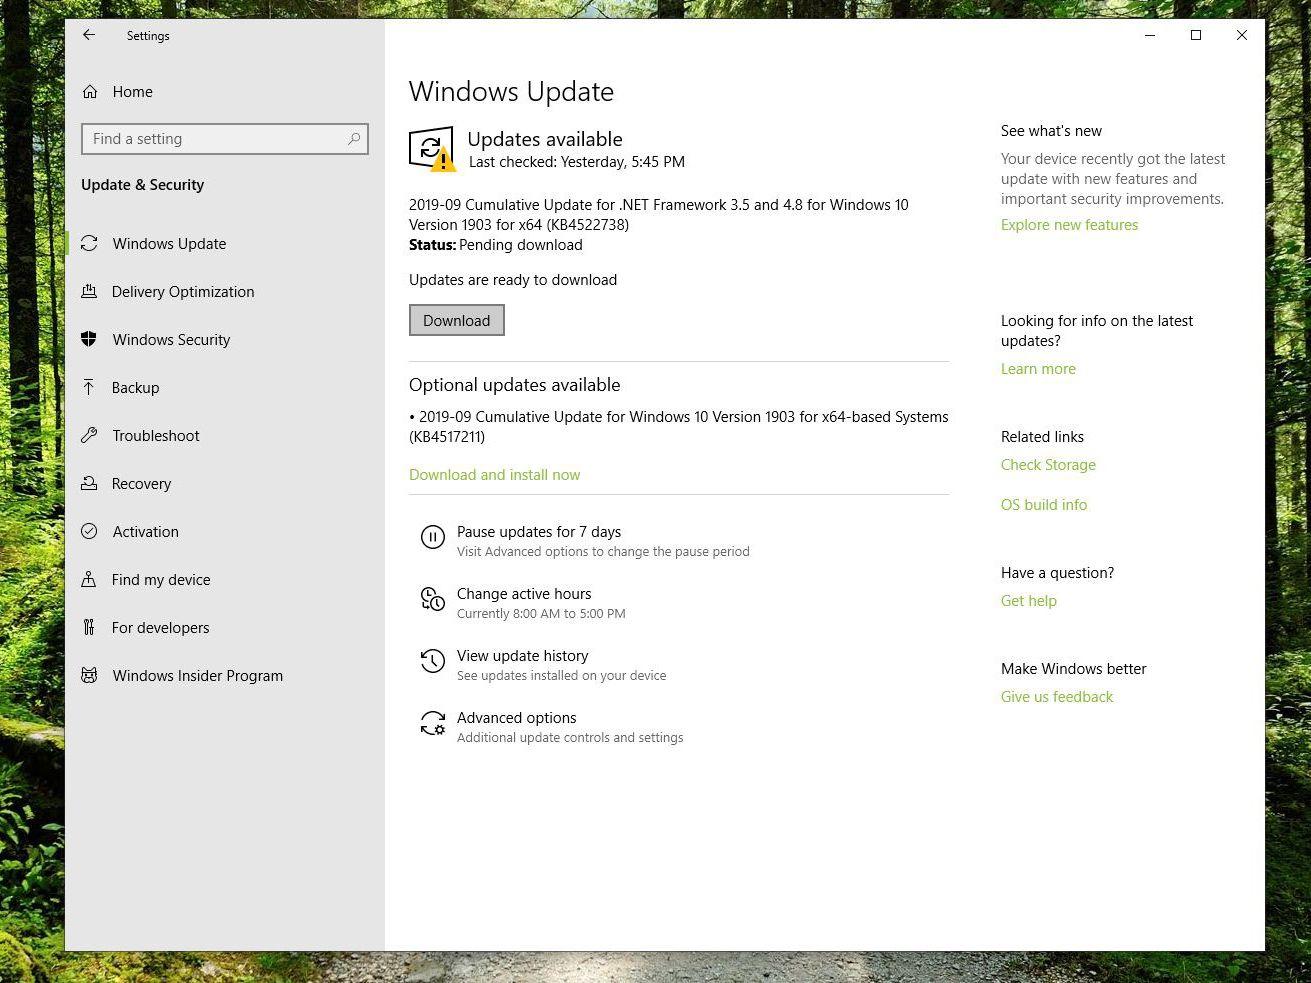 Hướng Dẫn Cách Nâng Cấp Từ Windows 10 Lên Pro - VERA STAR